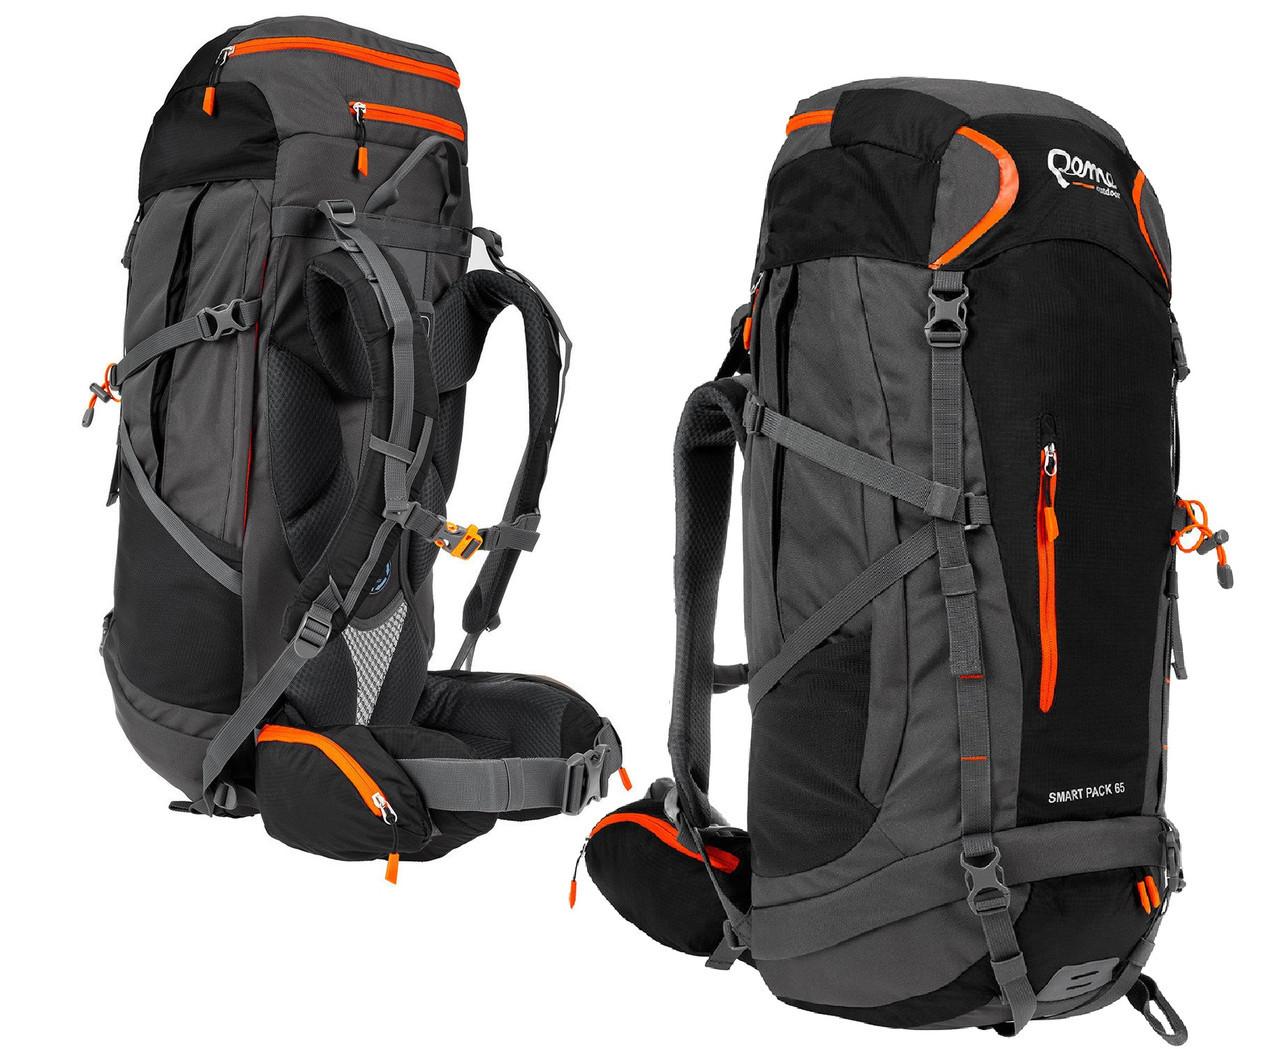 Рюкзак Peme Smart Pack 65 Чорний